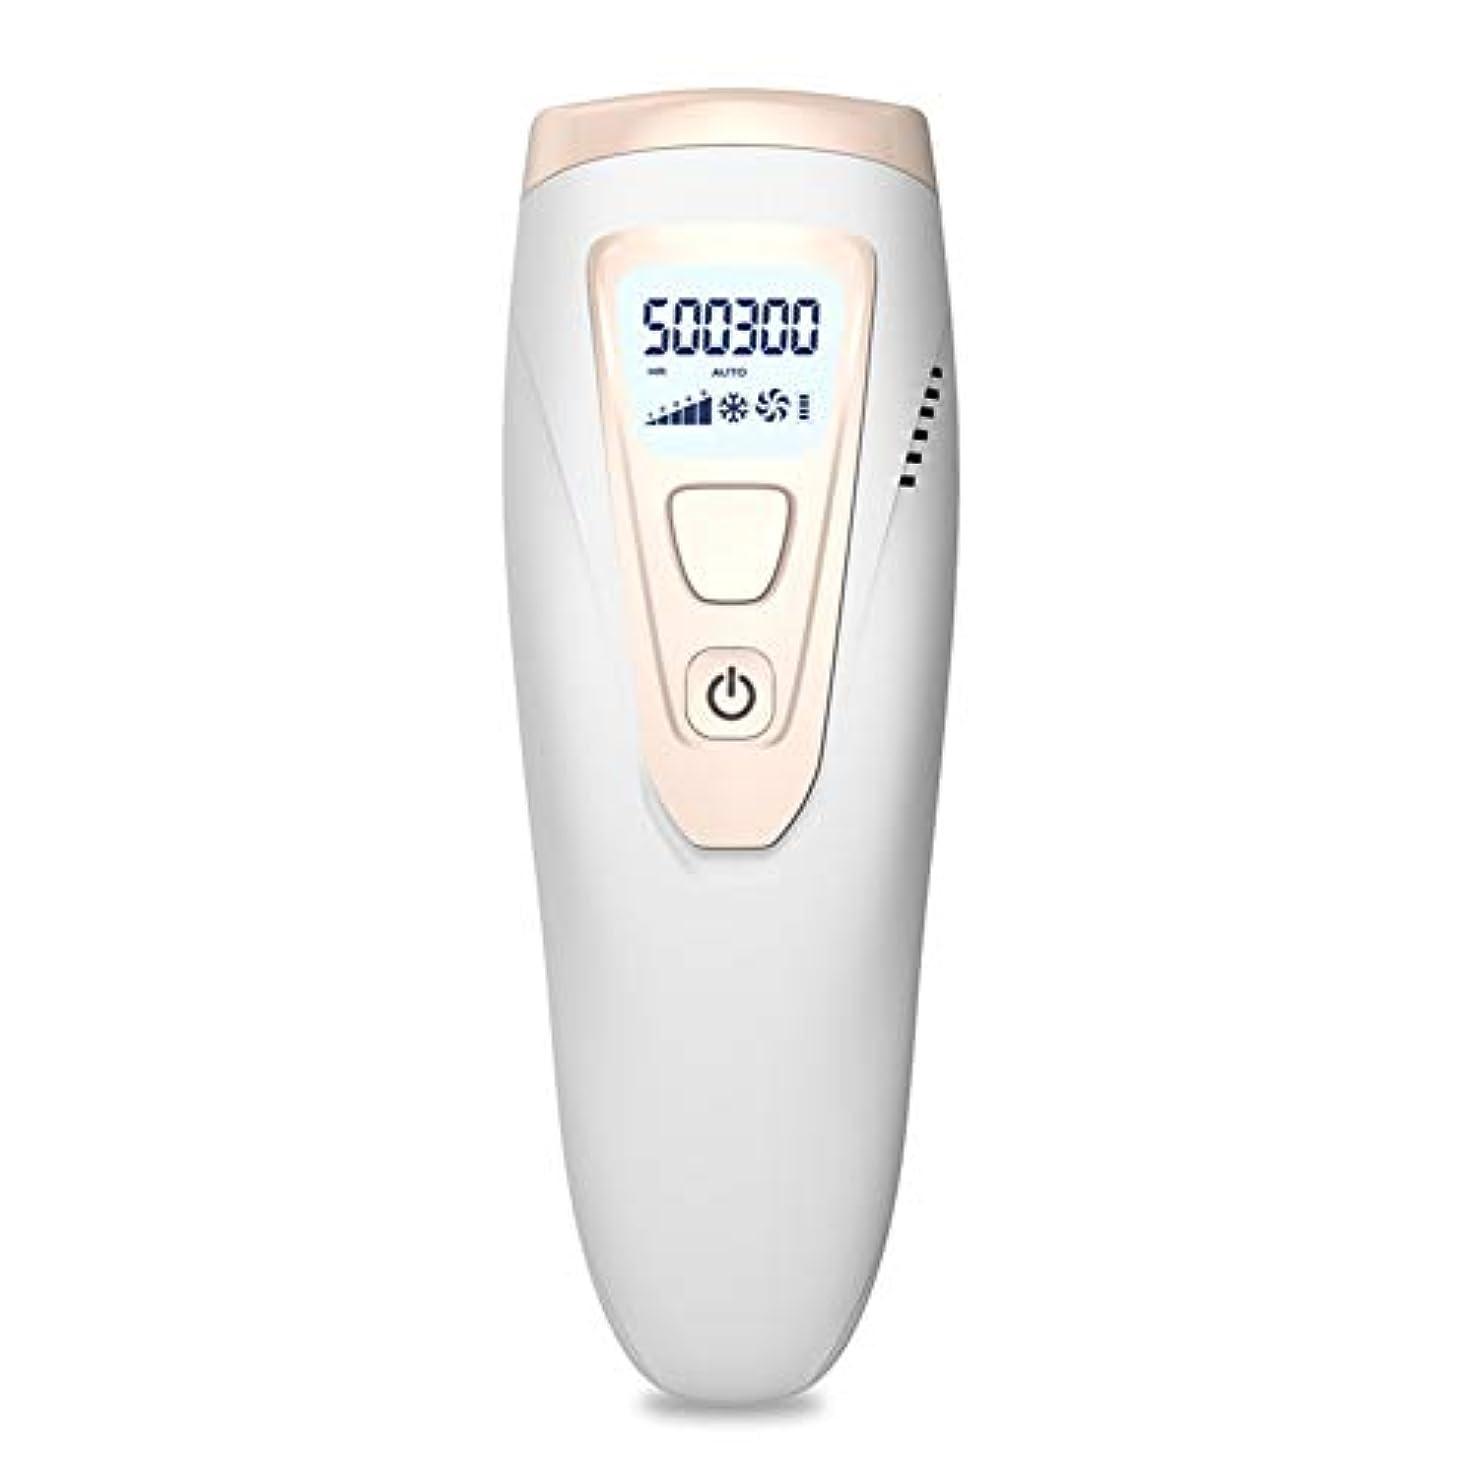 剃るパターンねばねばアイスクールIPLレーザー脱毛システム50万回のフラッシュ無痛常設パルス光脱毛器デバイス、にとってボディフェイス脇の下ビキニライン